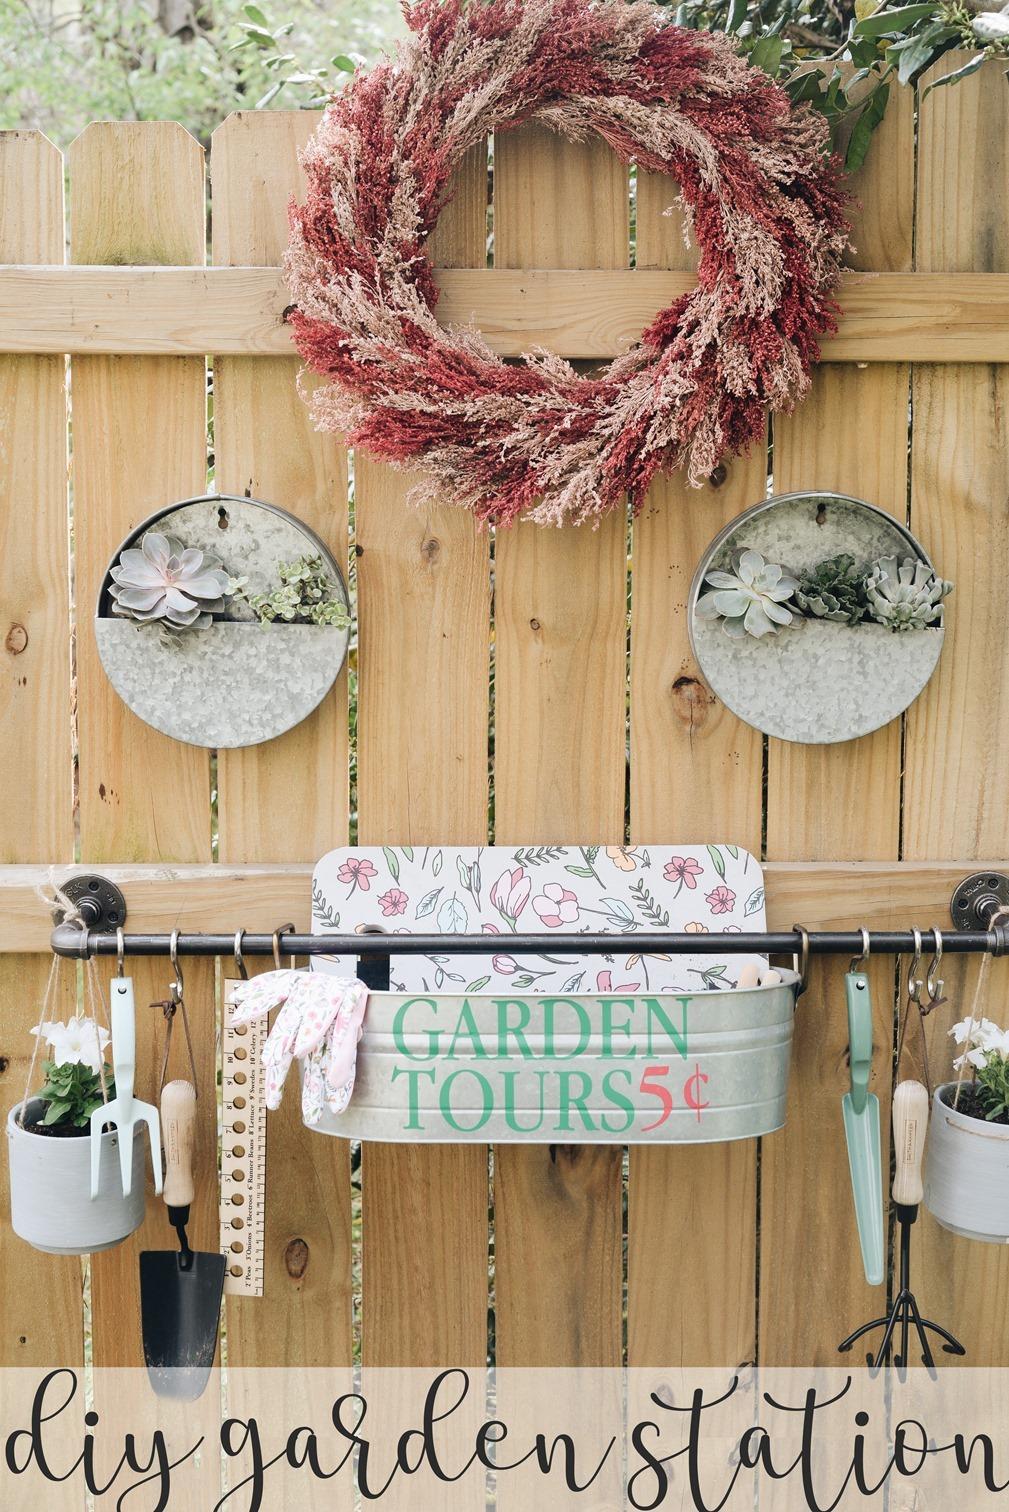 Tag: Diy Garden Station Gardening